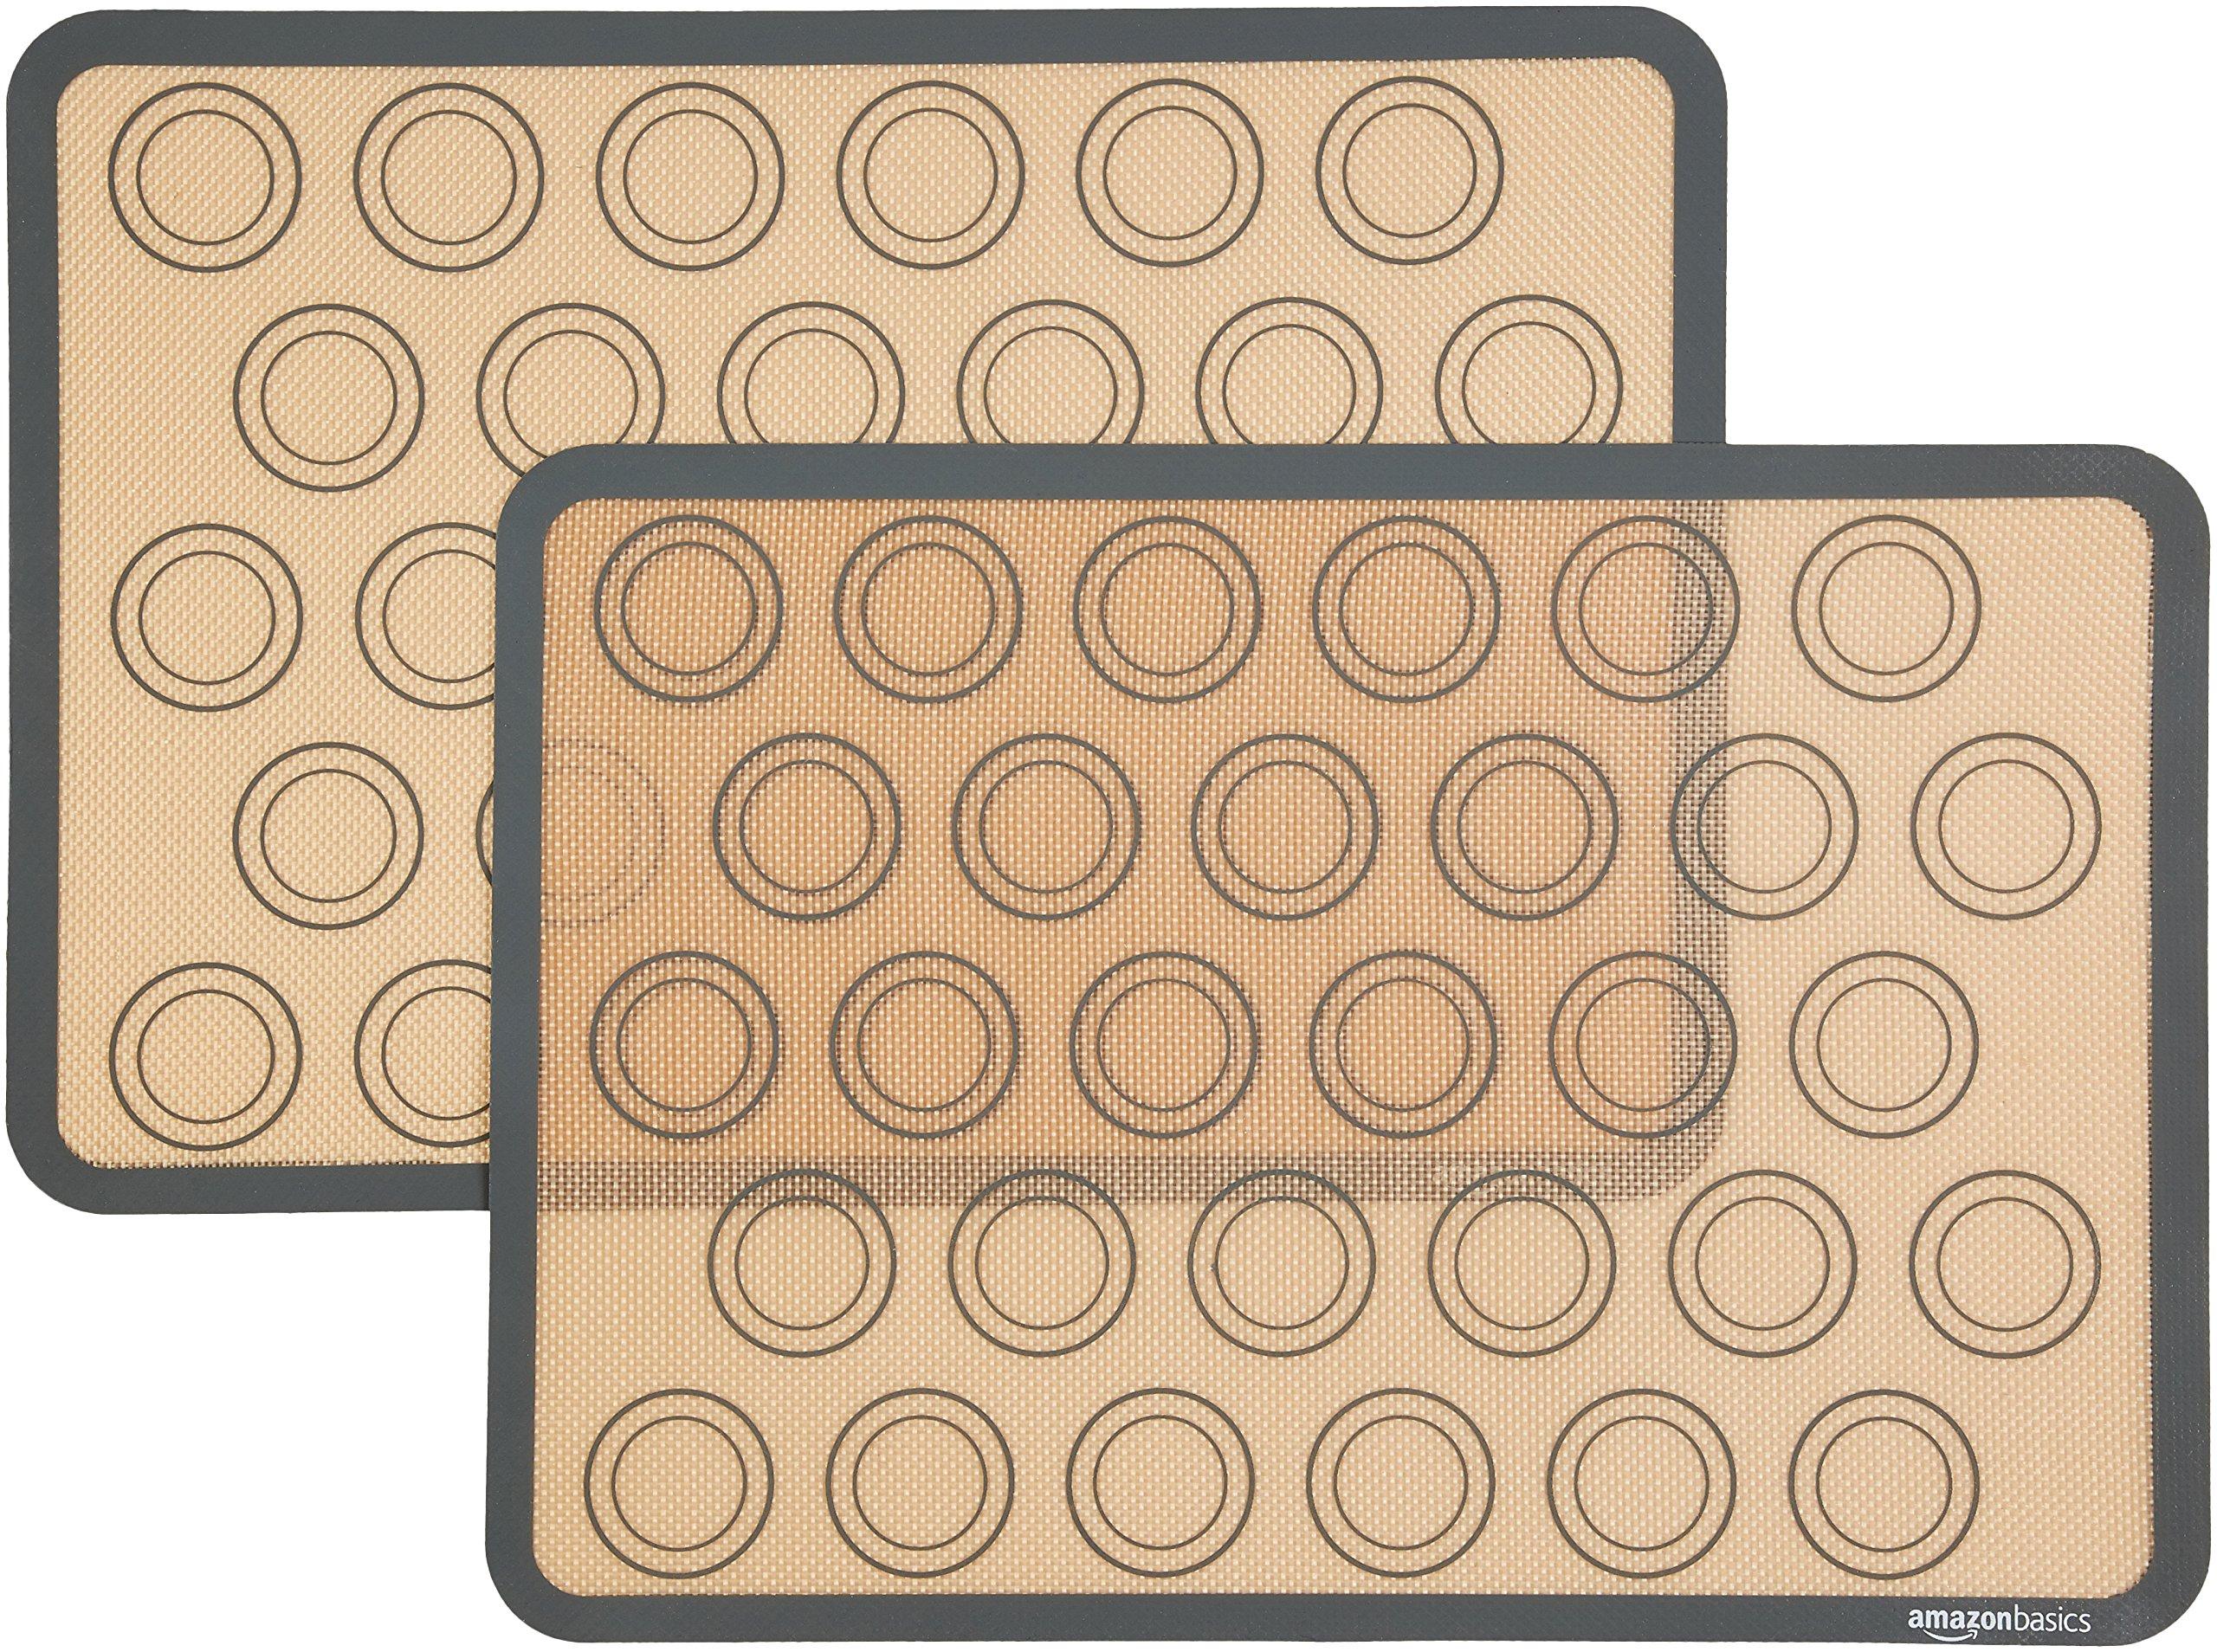 AmazonBasics Silicone Macaron Baking Mat - 2-Pack by AmazonBasics